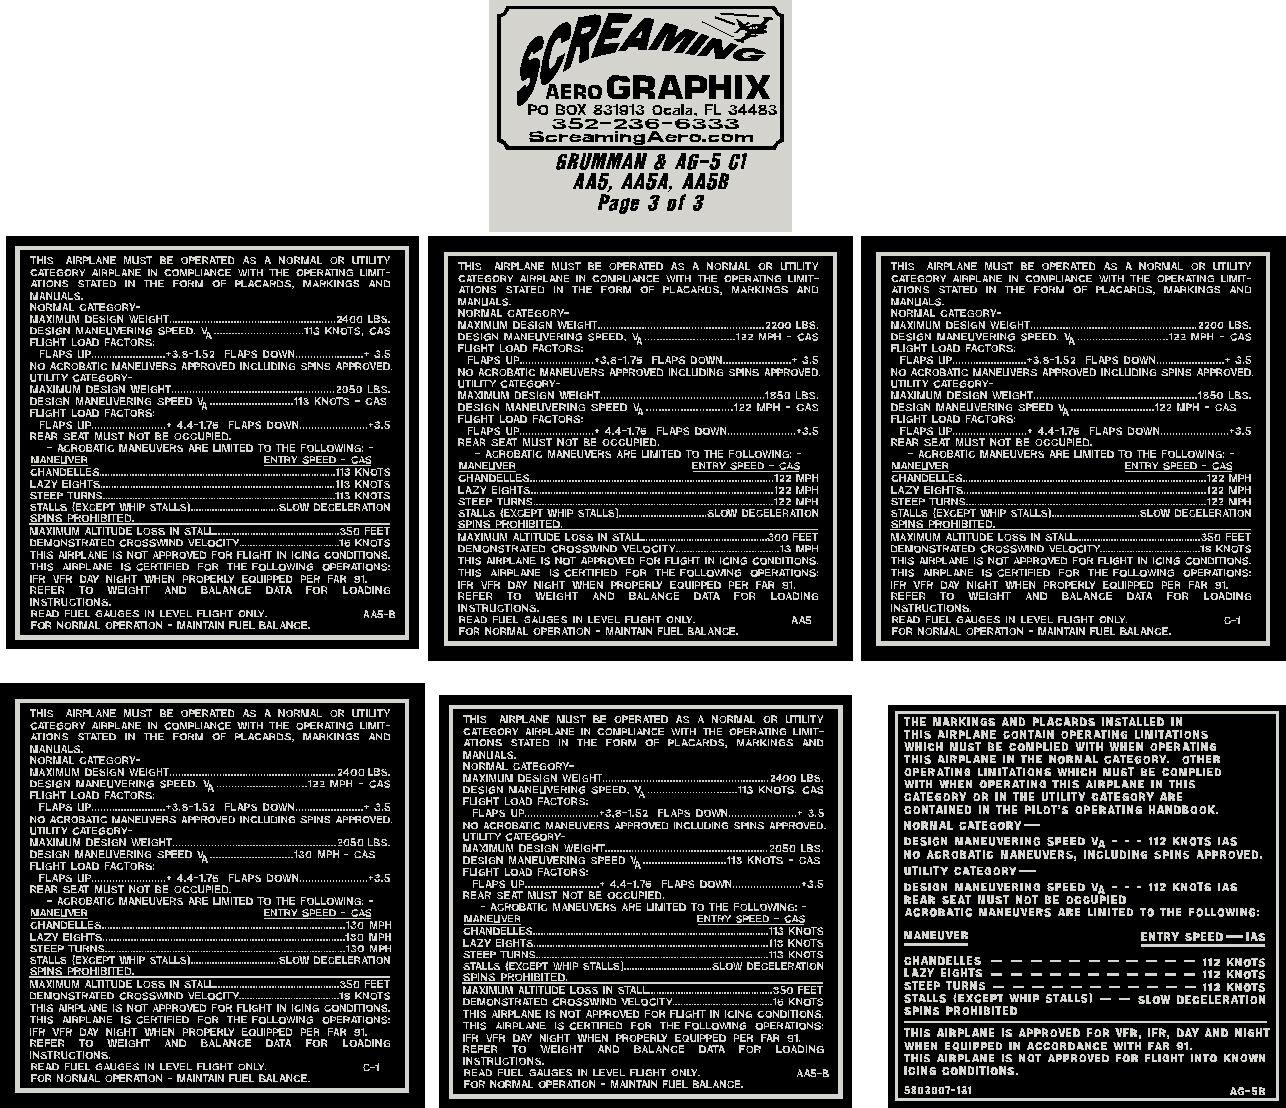 Grumman AA5-AA5A-AA5B C1 Interior Placard Kit